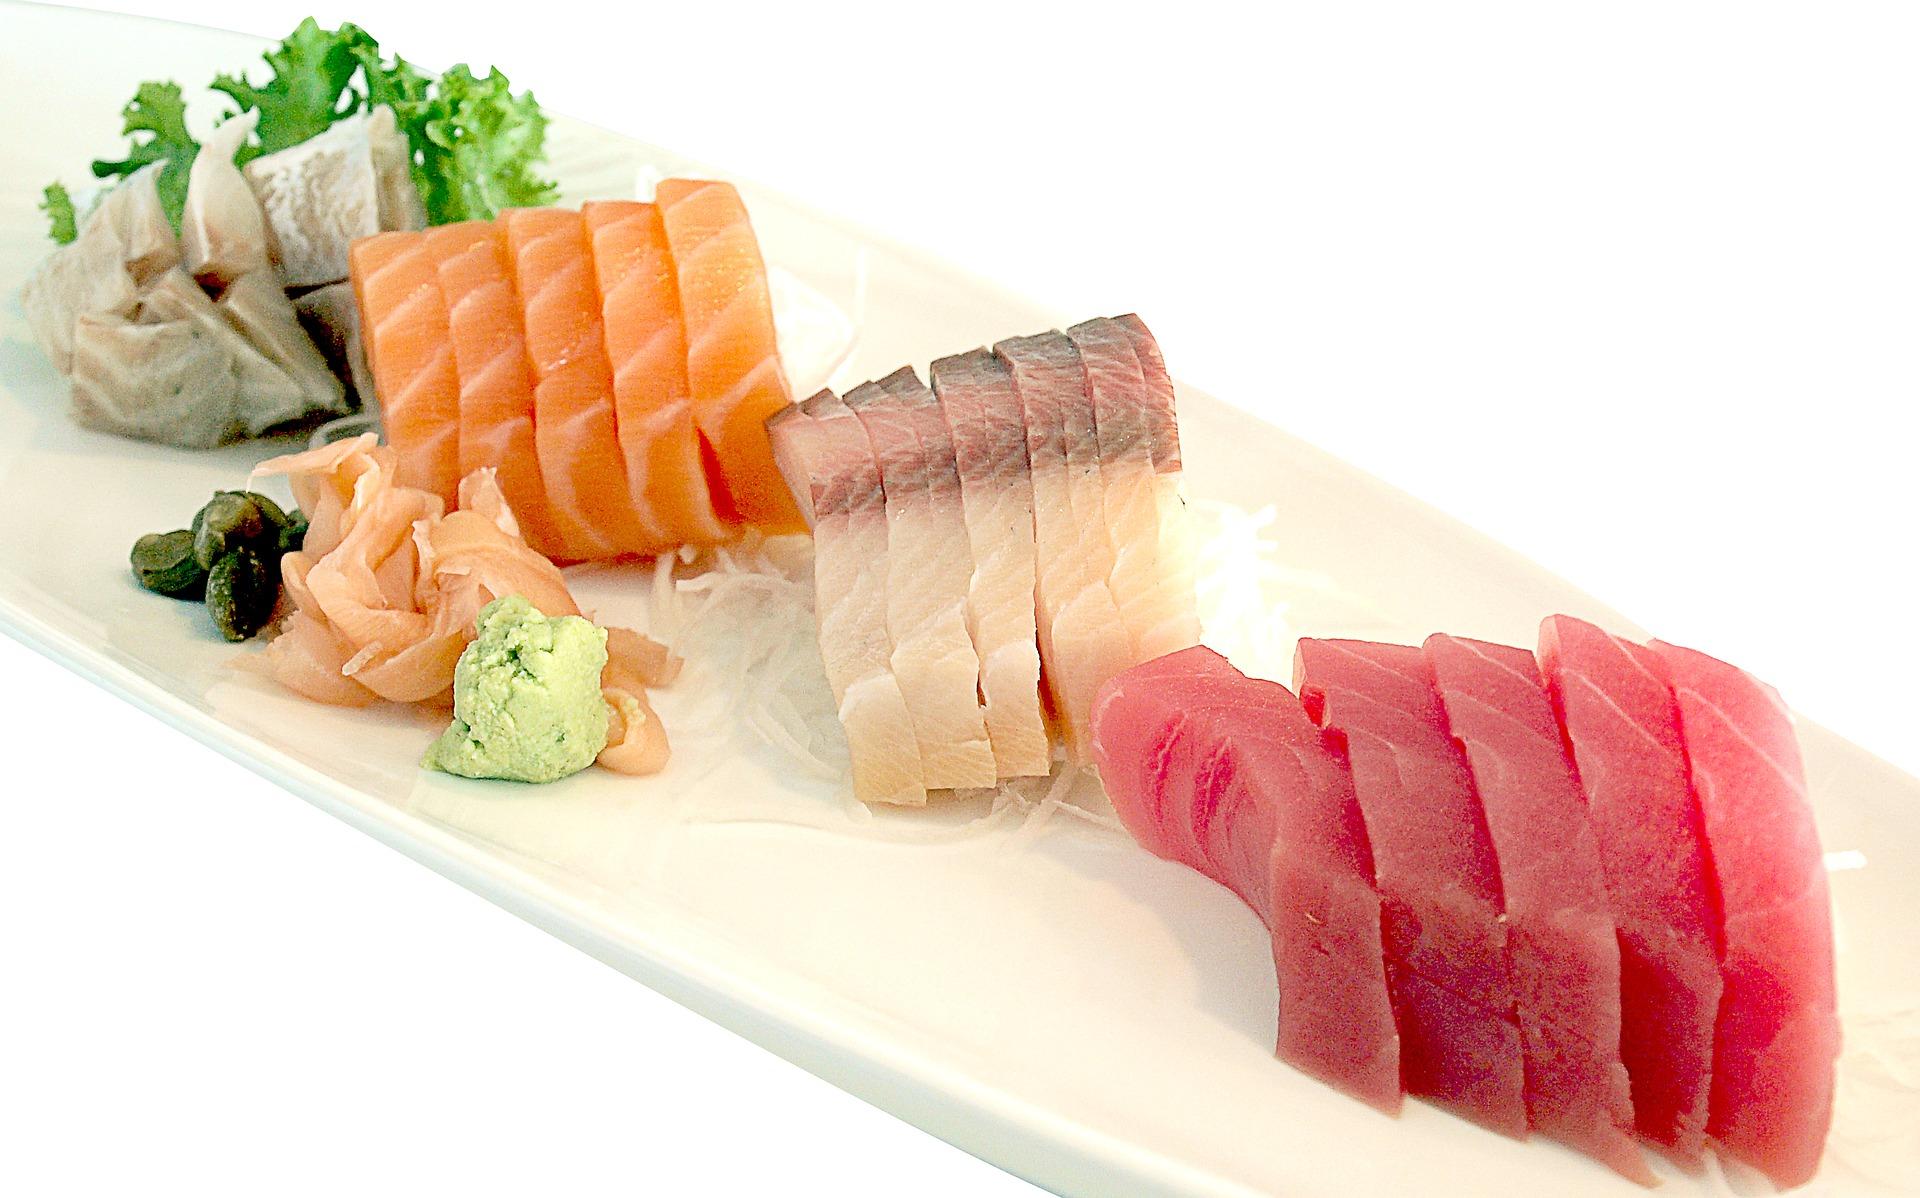 Foto von Thunfisch und Lachs auf einem Teller angerichtet